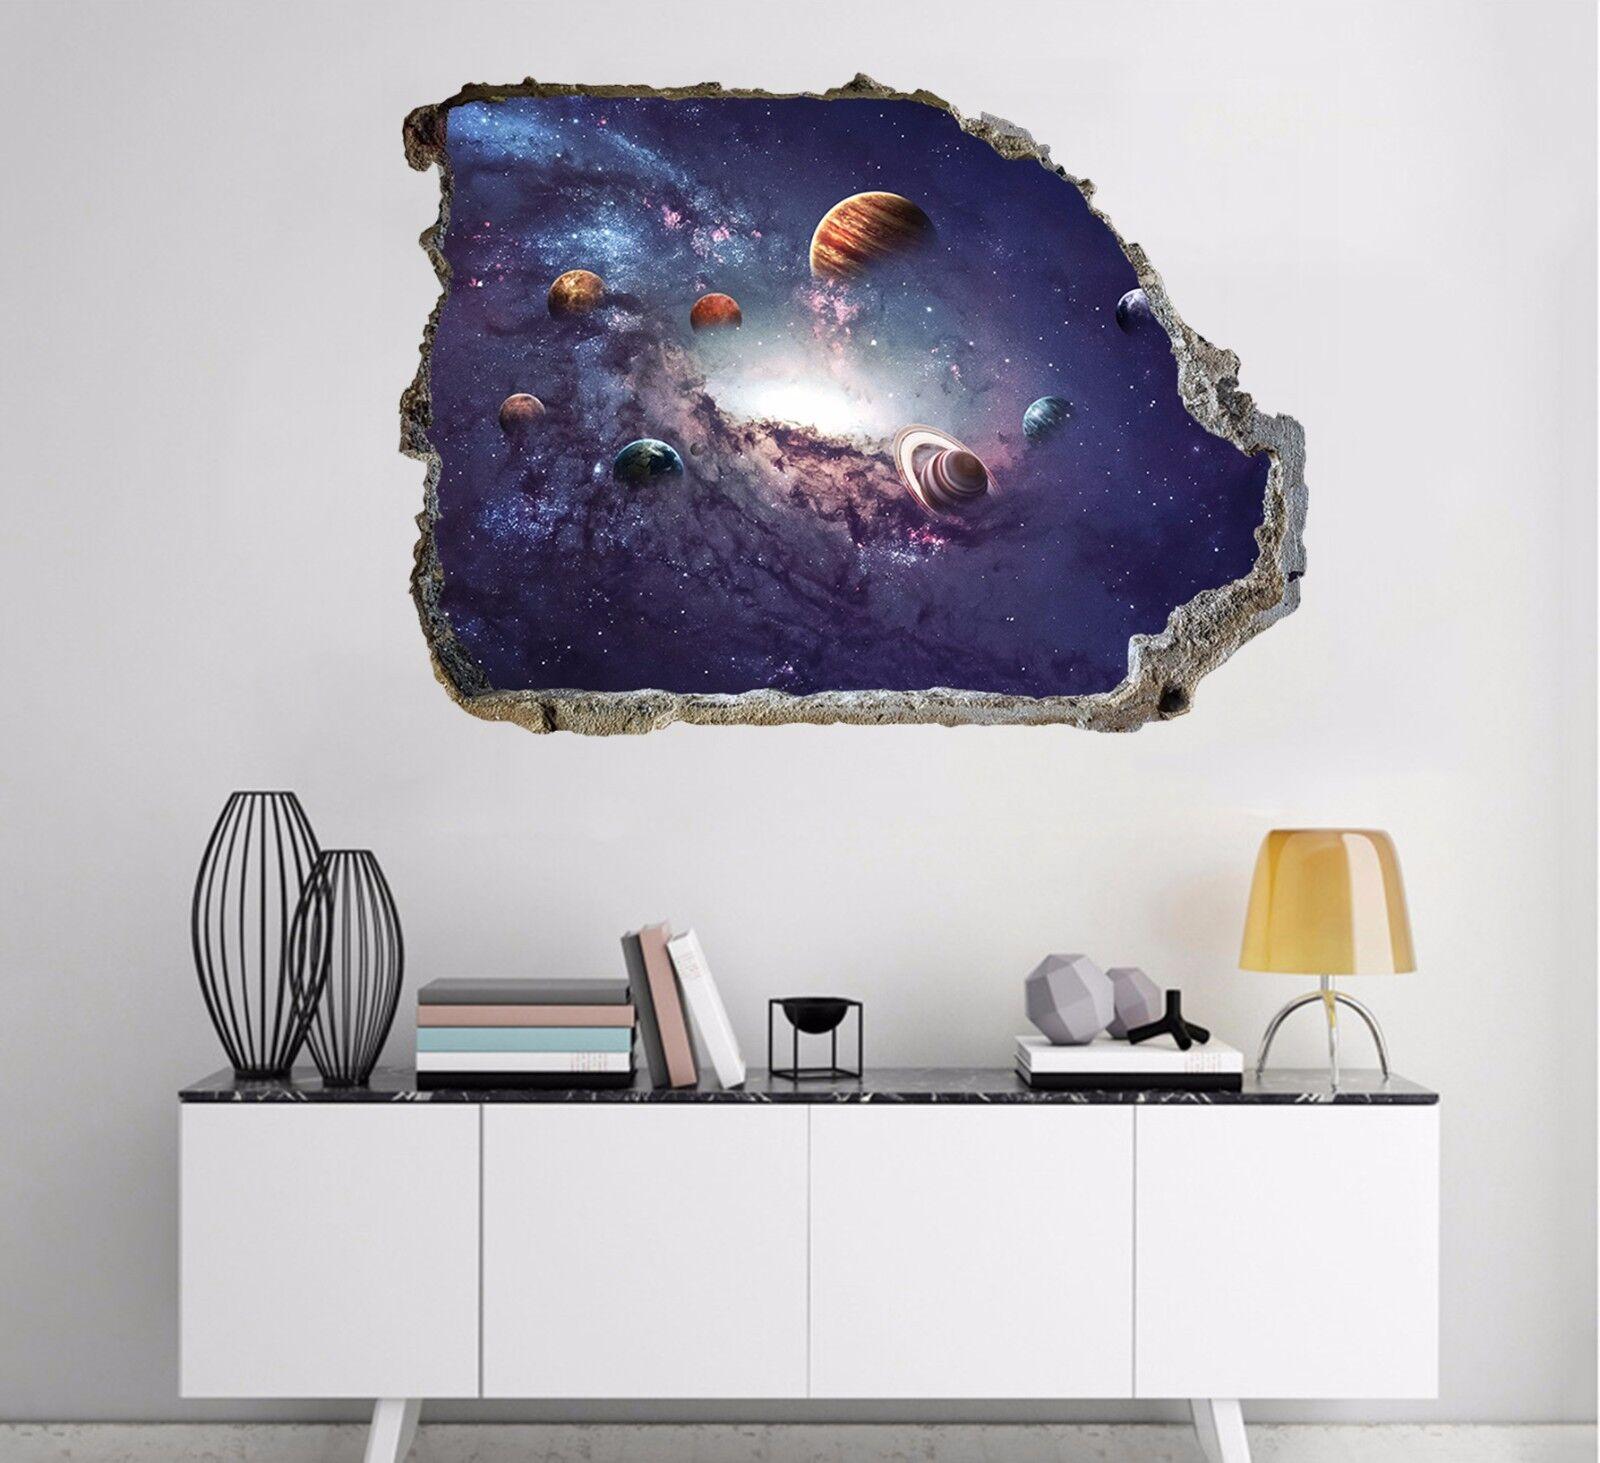 3D Planet Himmel 78 Mauer Murals Mauer Aufklebe Decal Durchbruch AJ WALLPAPER DE